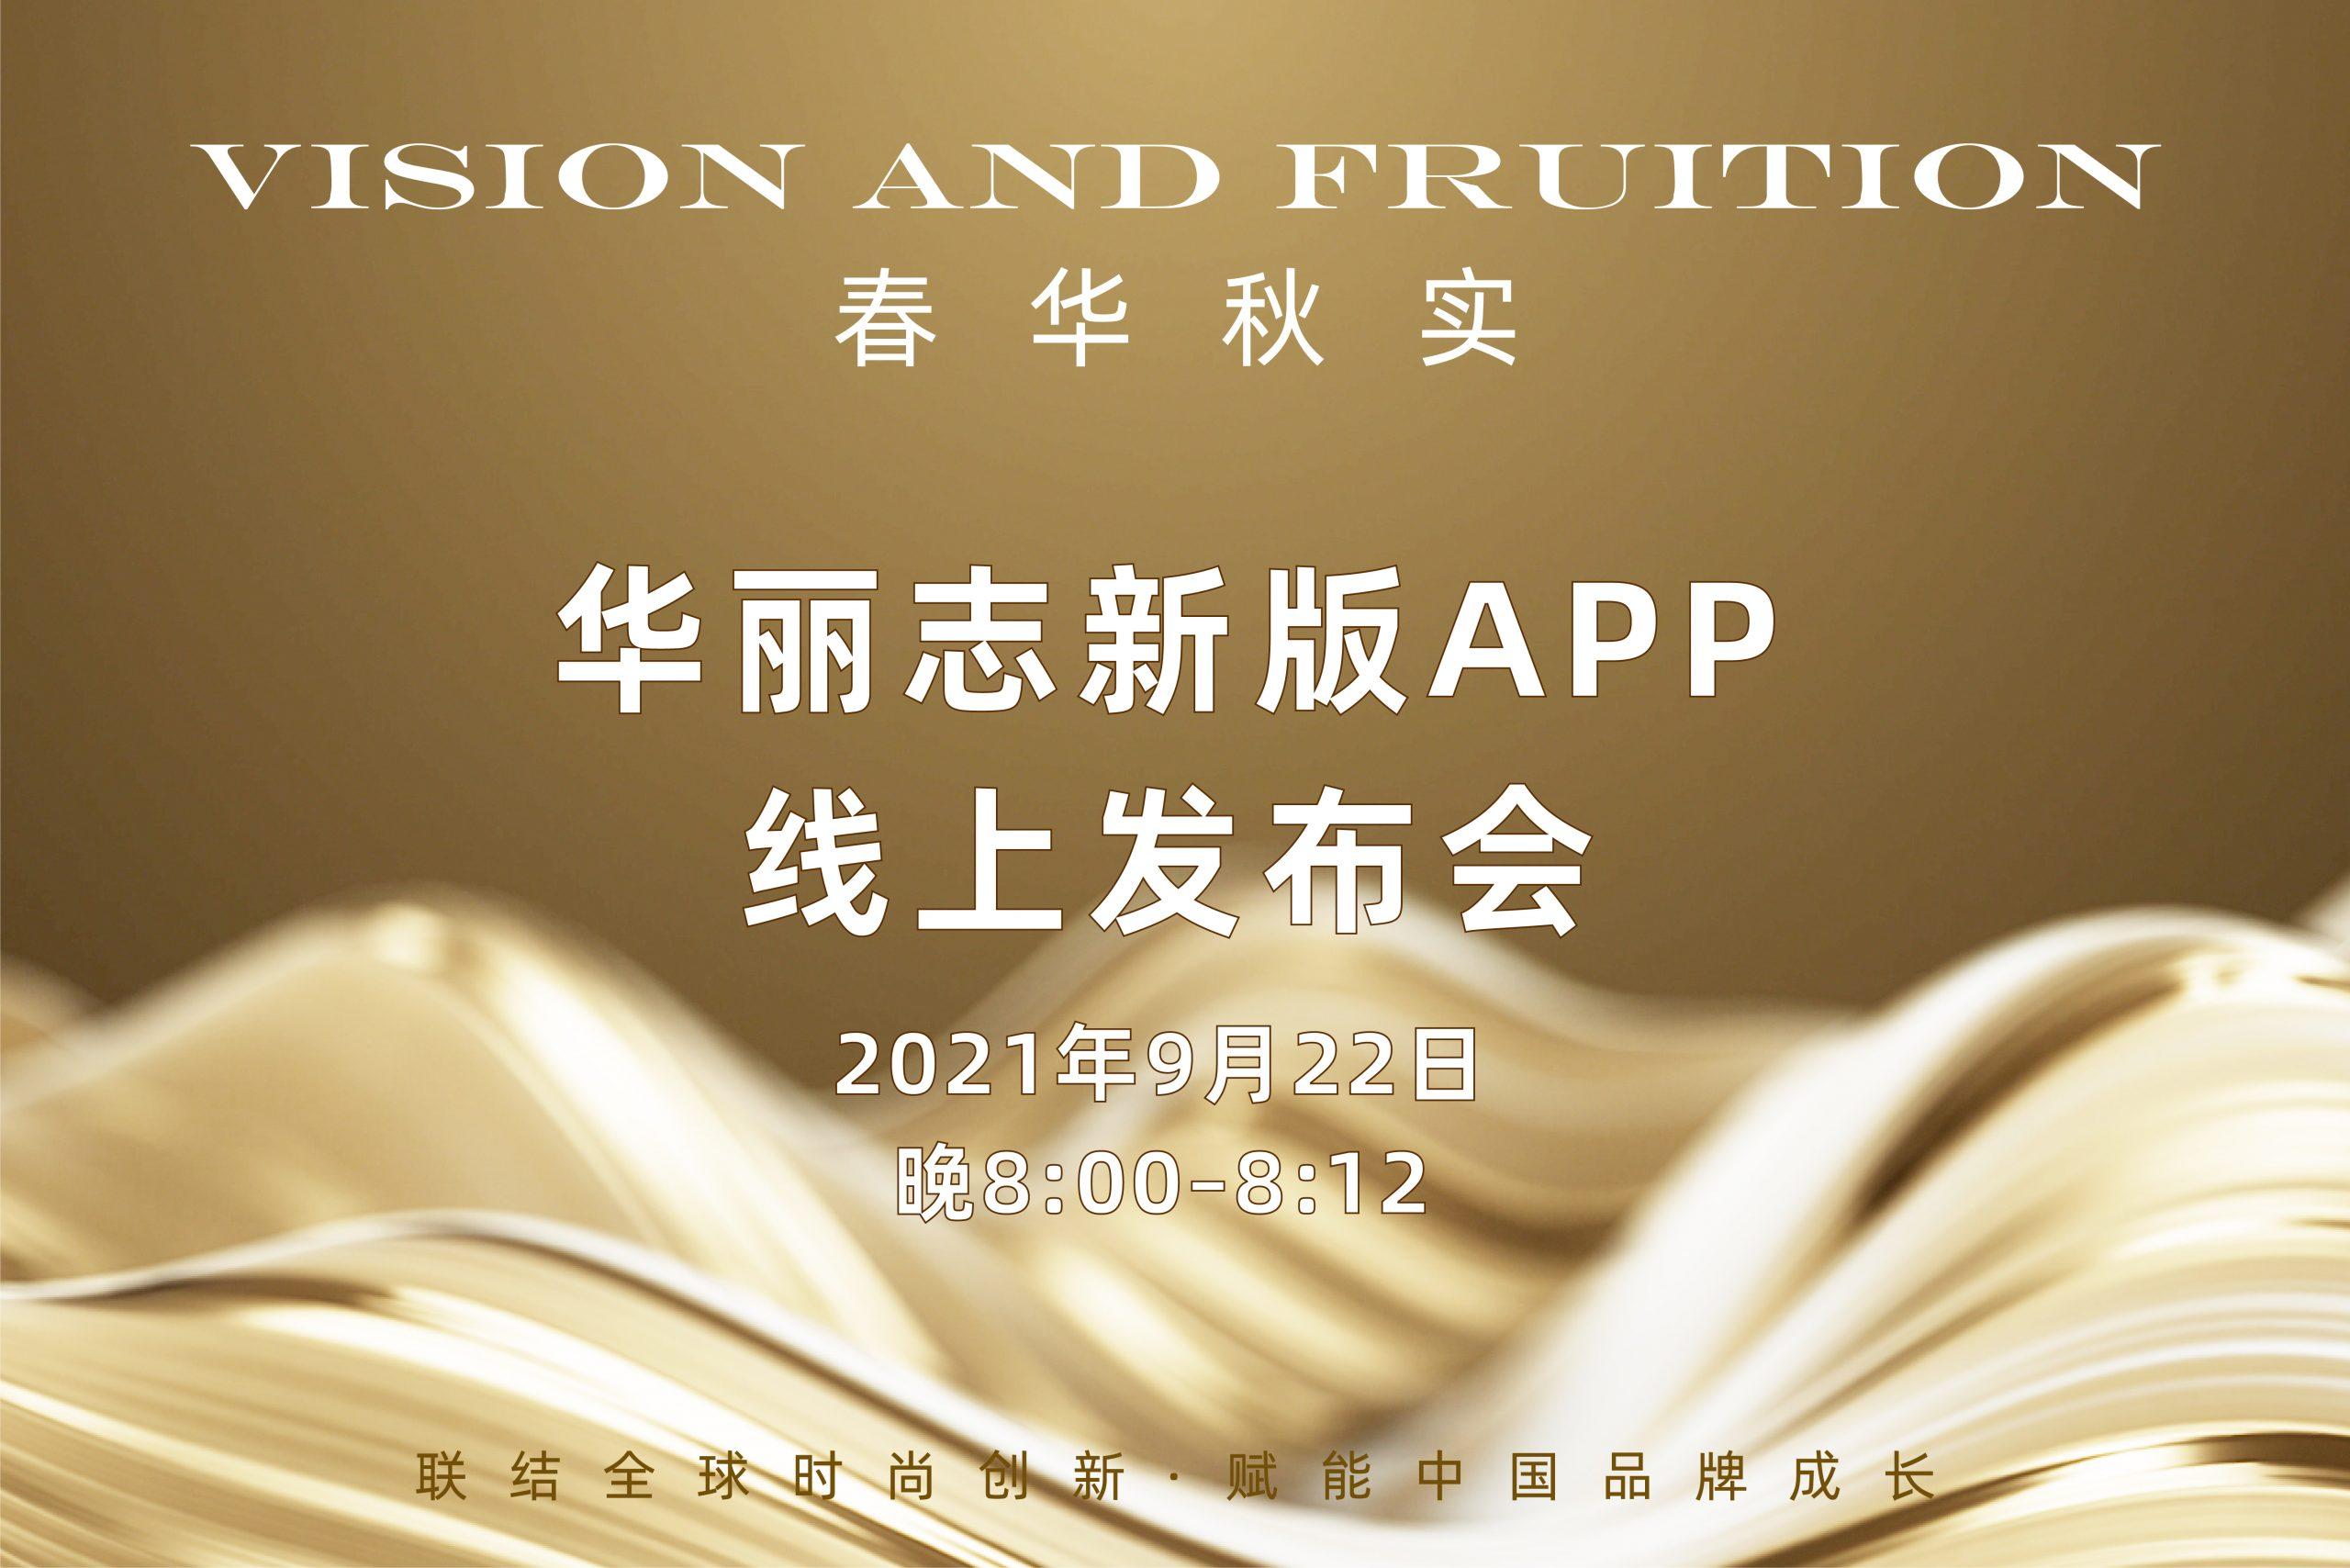 预告:「春华秋实」华丽志新版App发布会将于9月22日线上举行